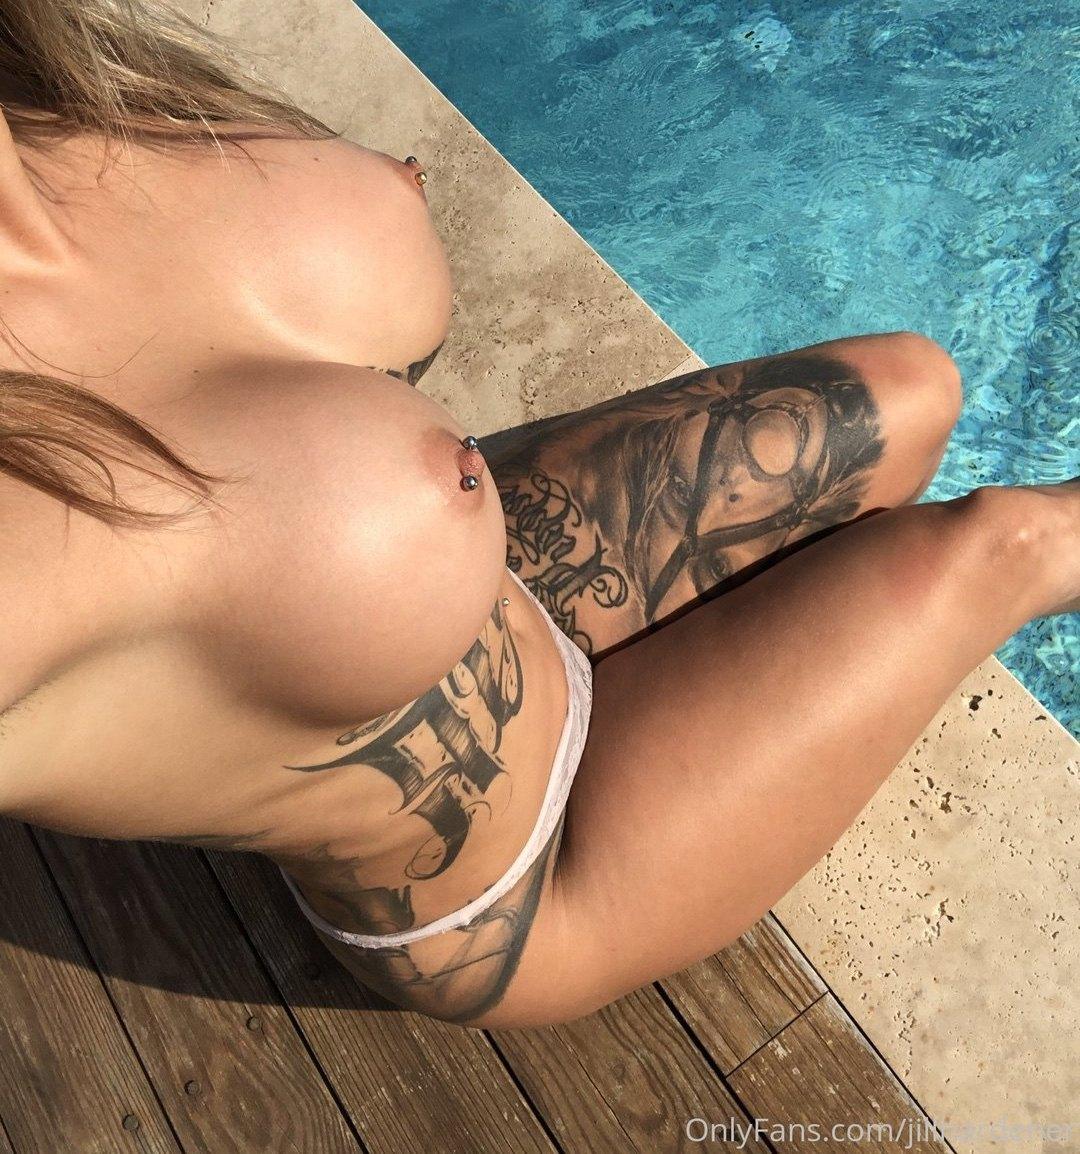 Jill.hardener Jillhardener Onlyfans Nudes Leaks 0024